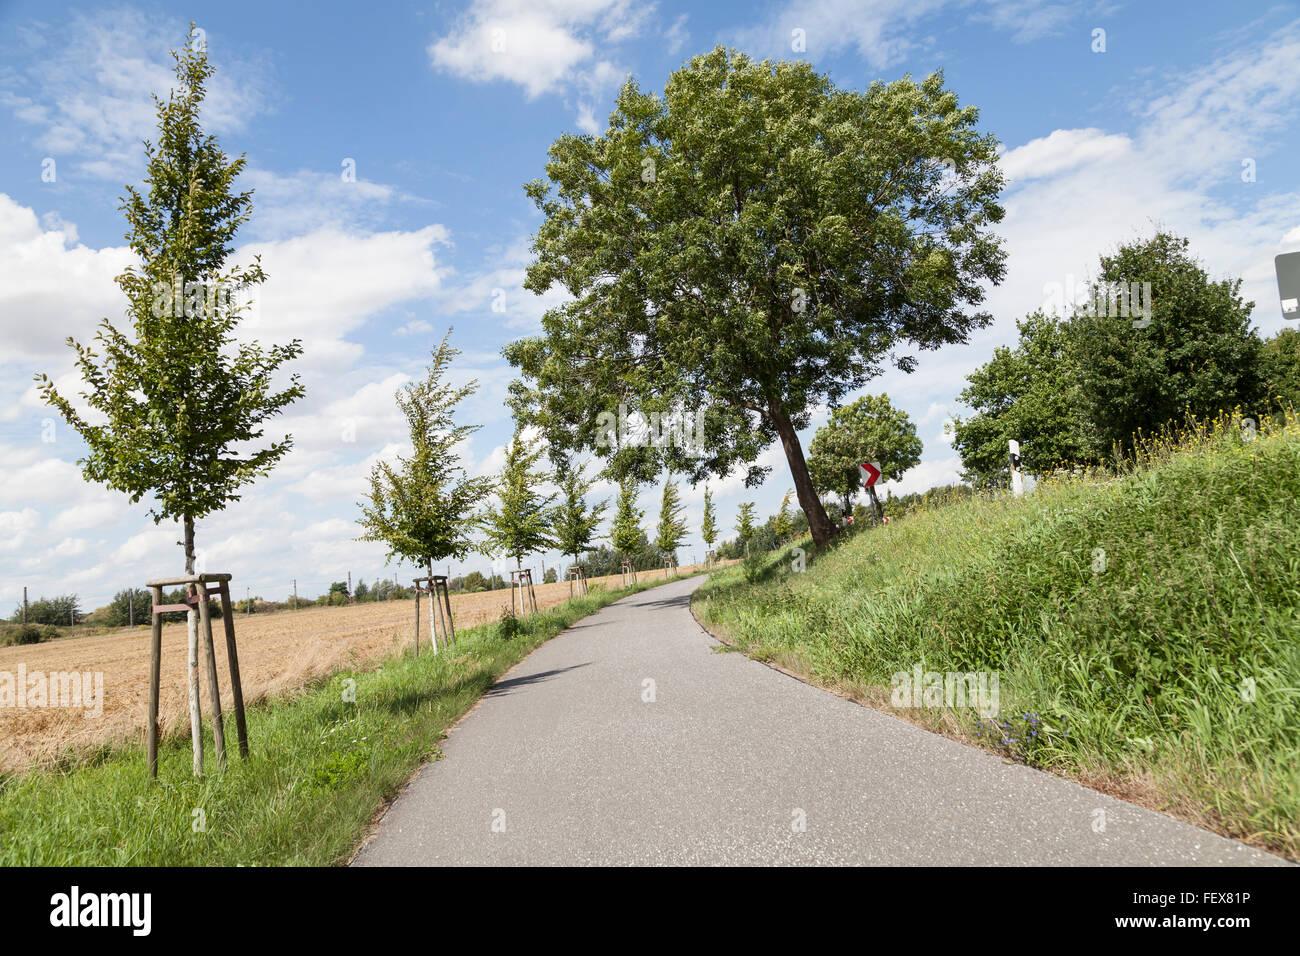 bycicle lane sloped - Stock Image